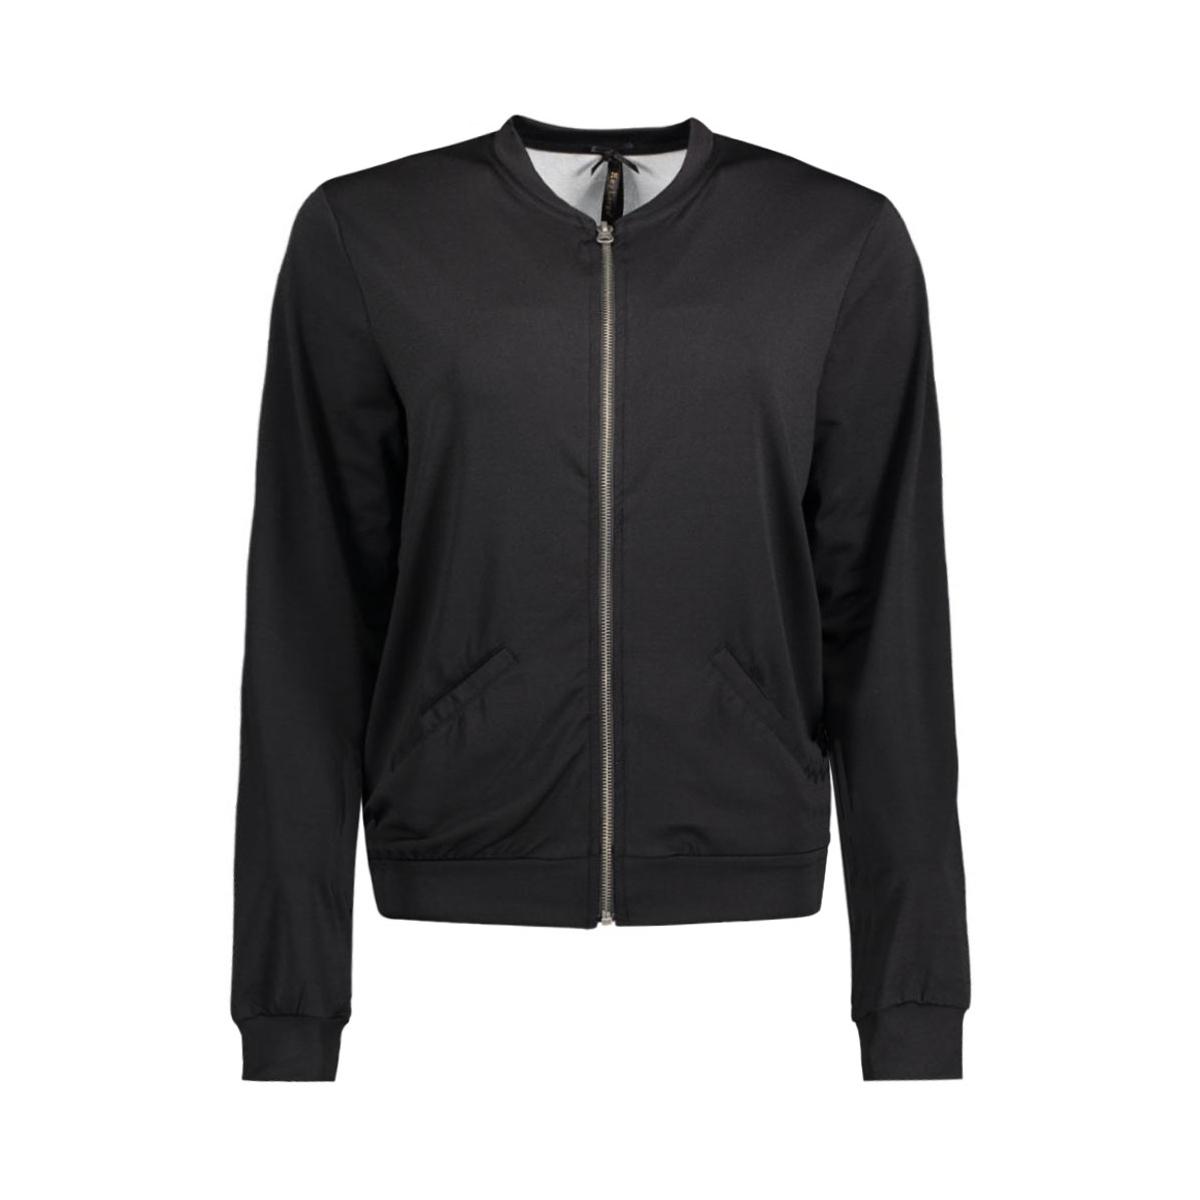 dls00268 key largo blazer black